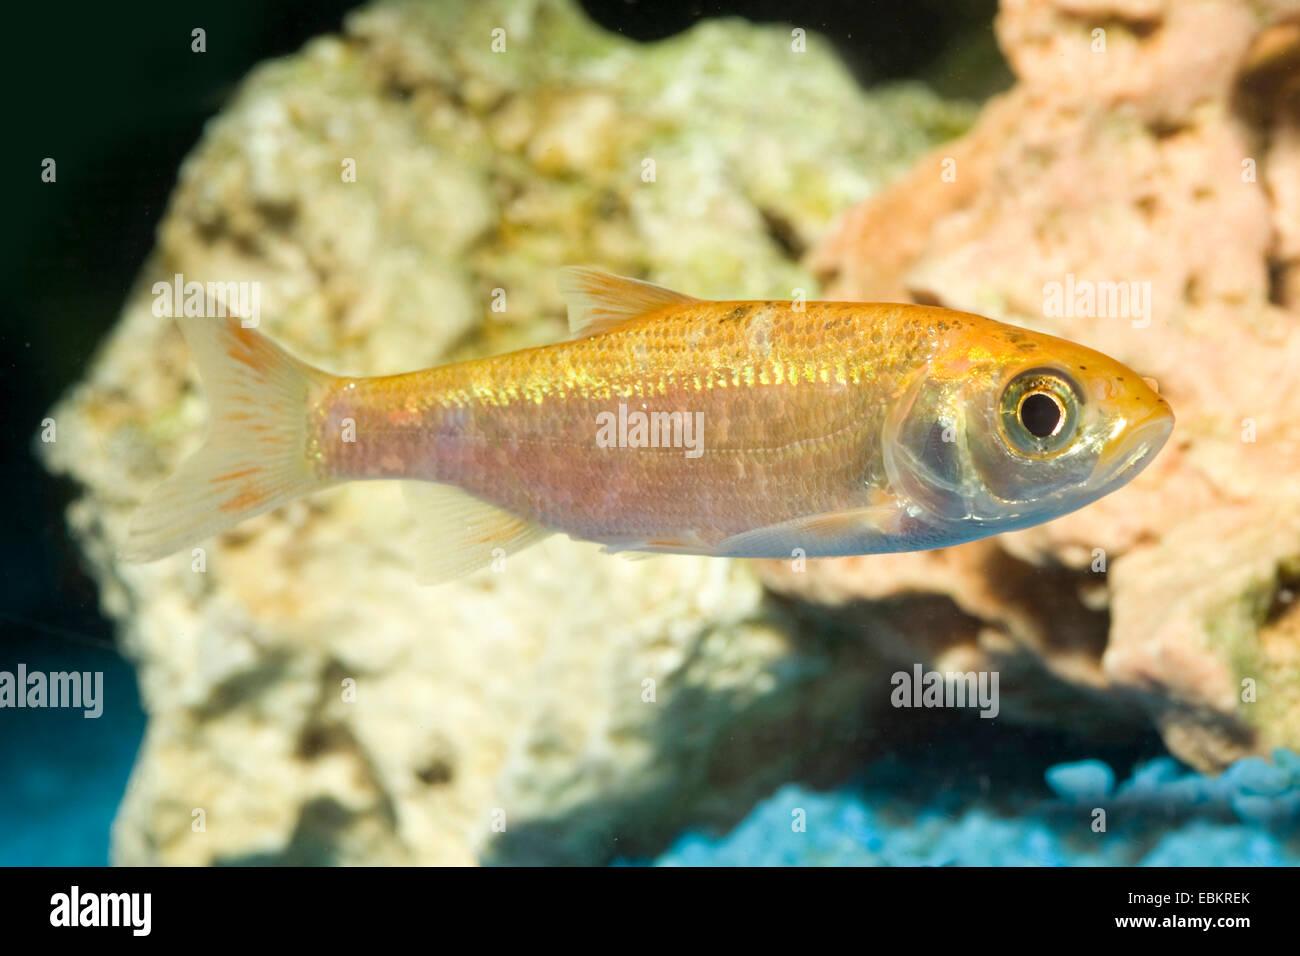 Ide, ide mélanote (Leuciscus idus), sous forme de reproduction gold Photo Stock